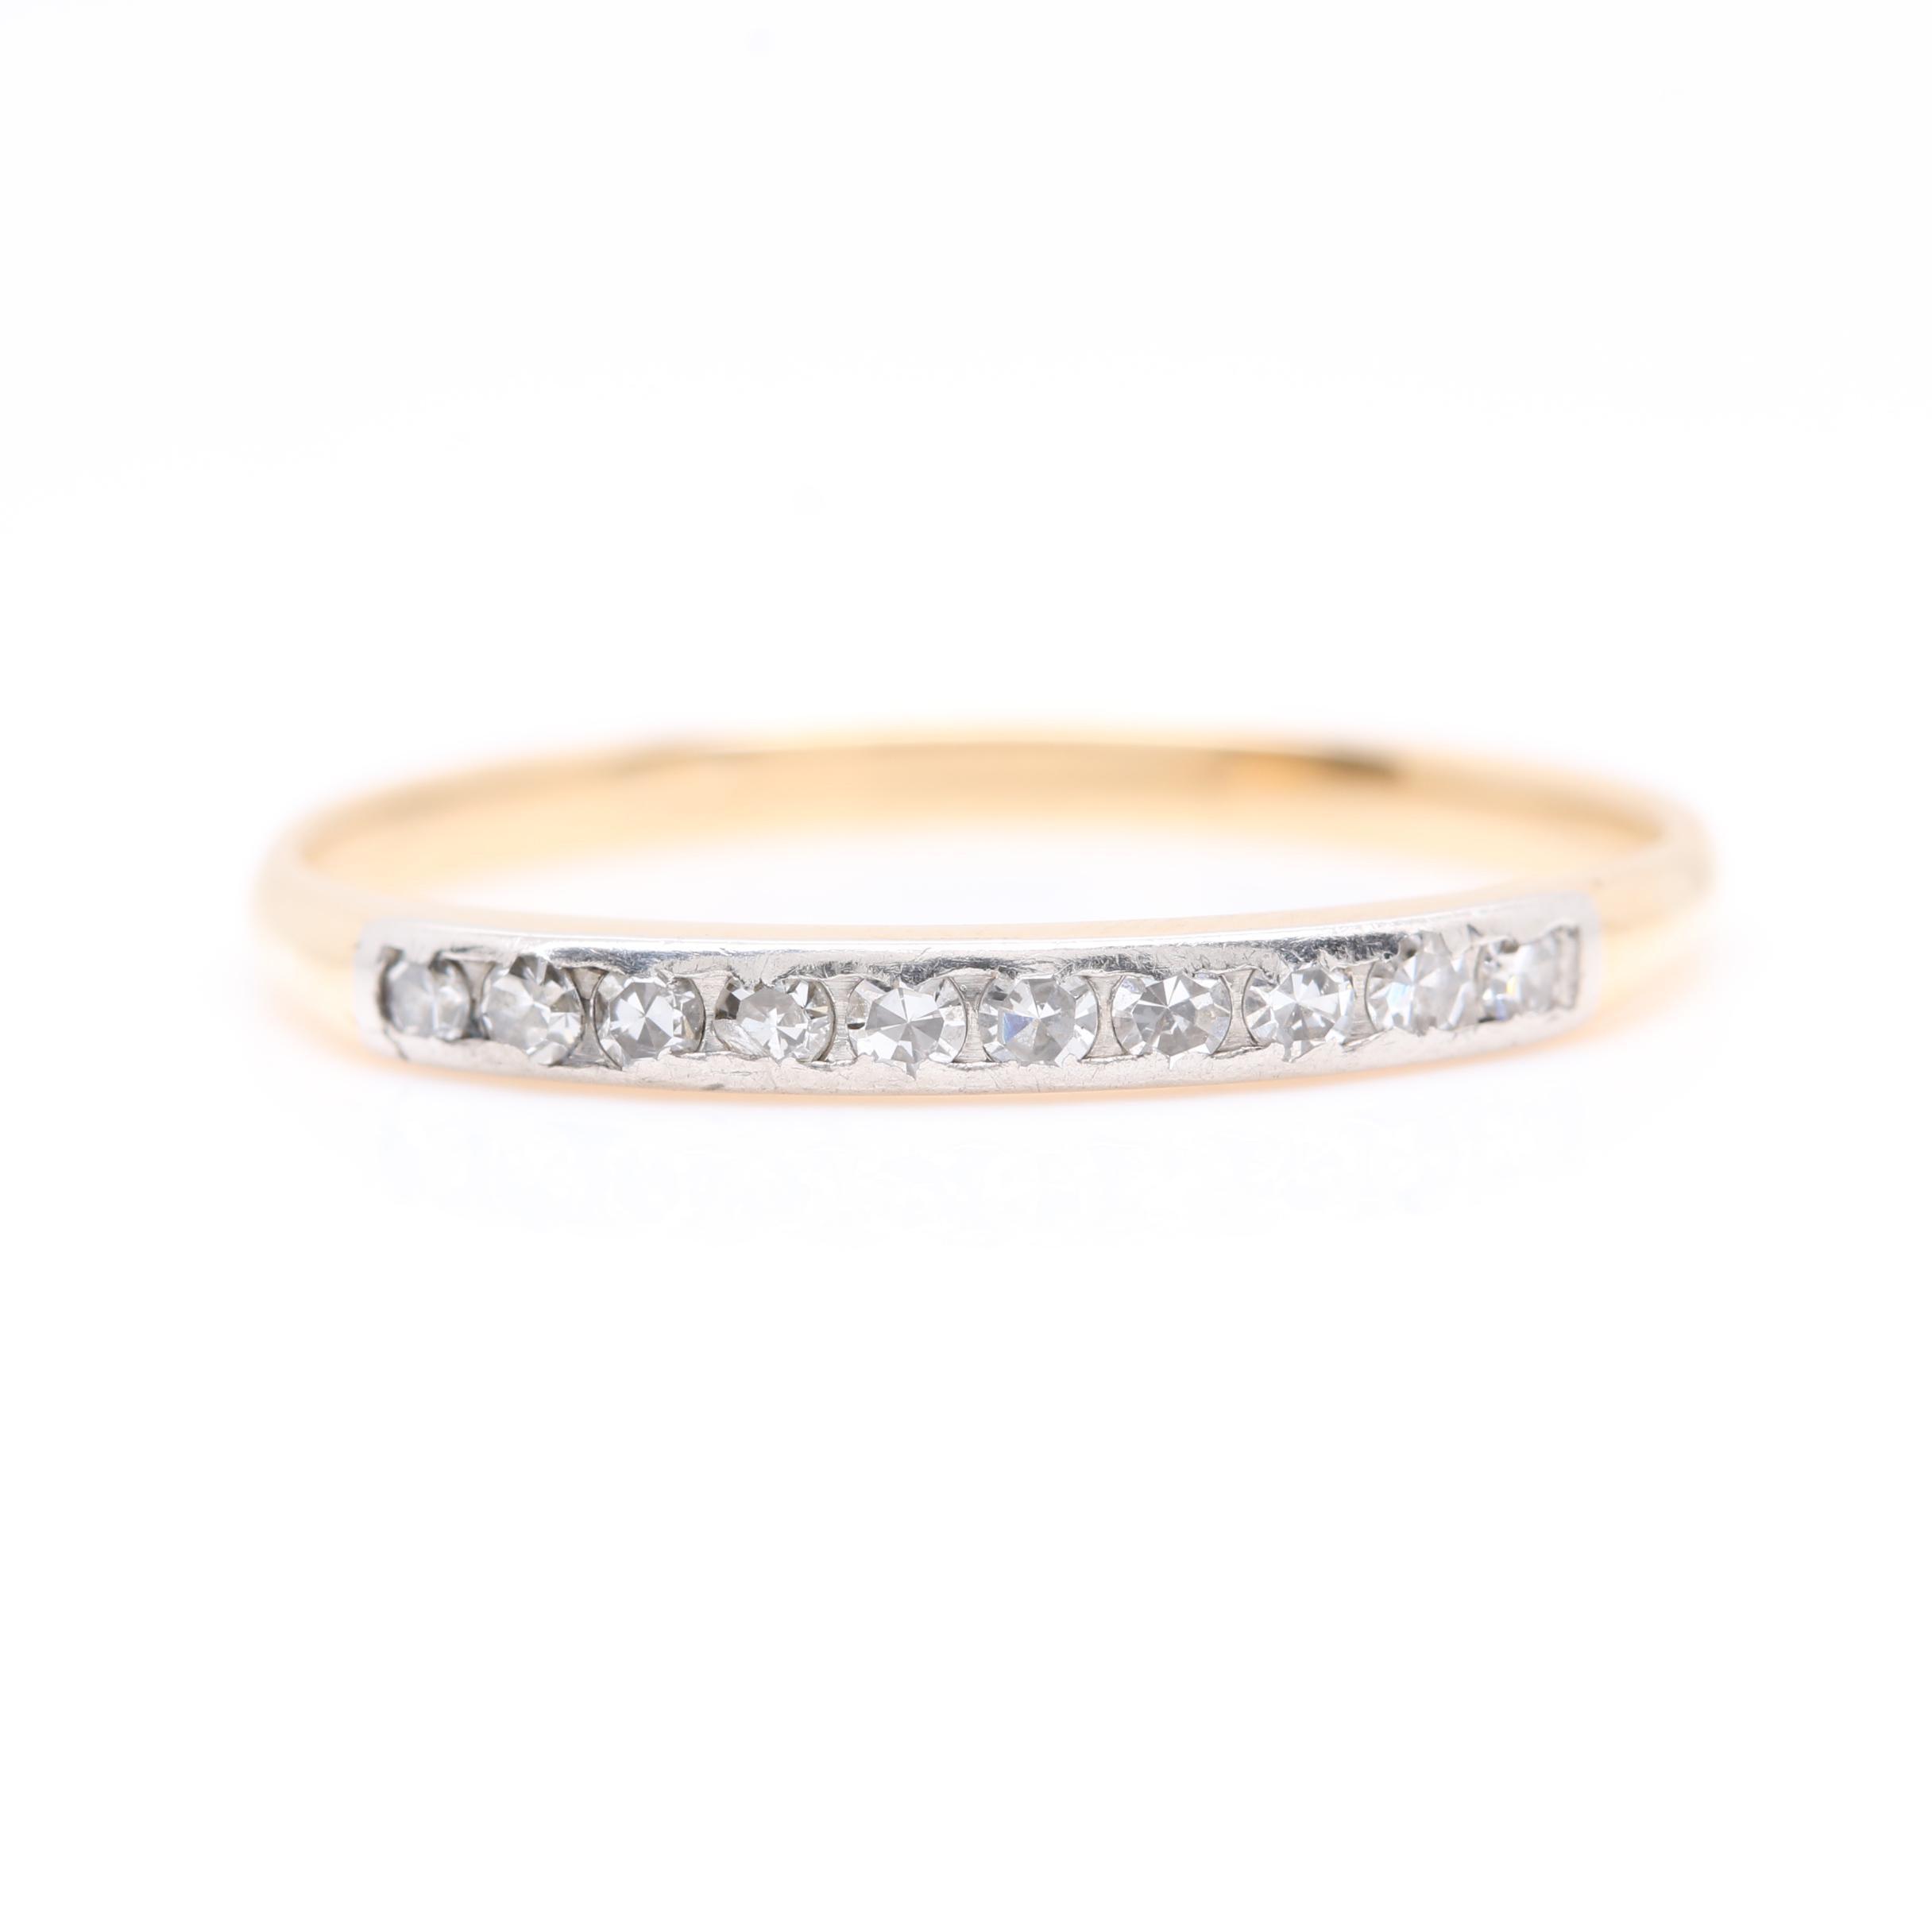 14K Yellow Gold and Platinum Diamond Ring